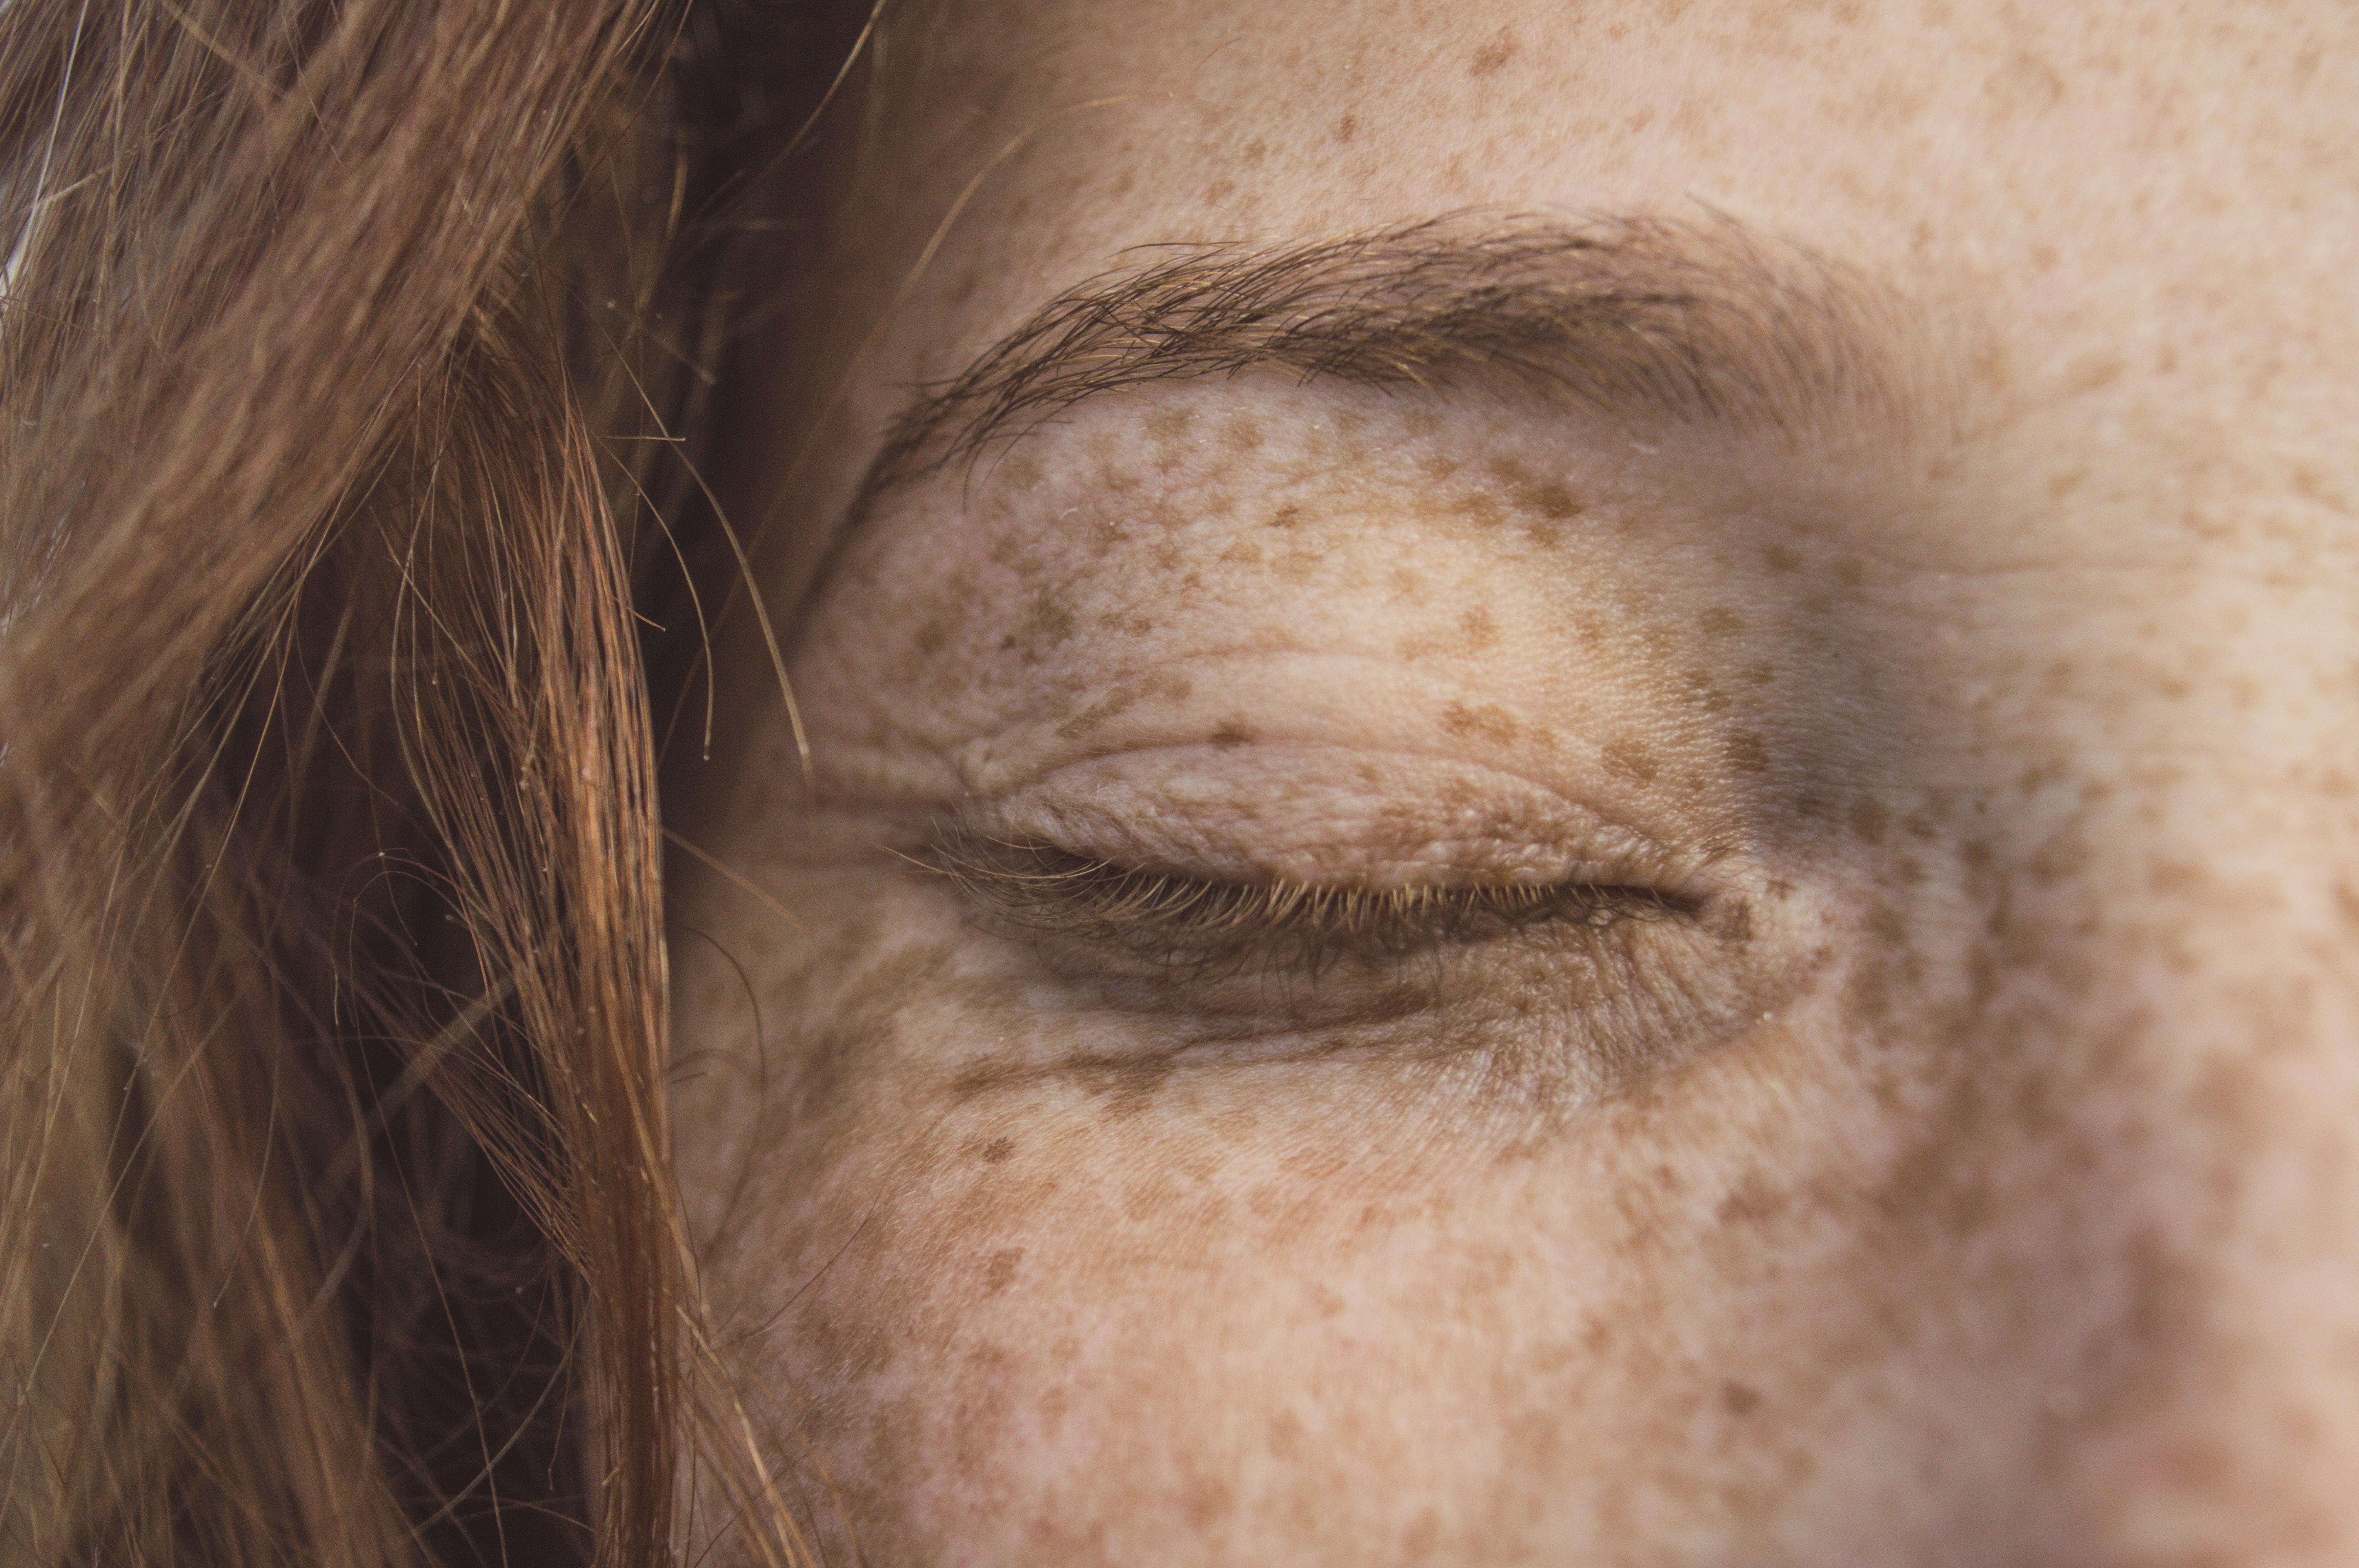 Poderá a luz azul provocar danos na pele?